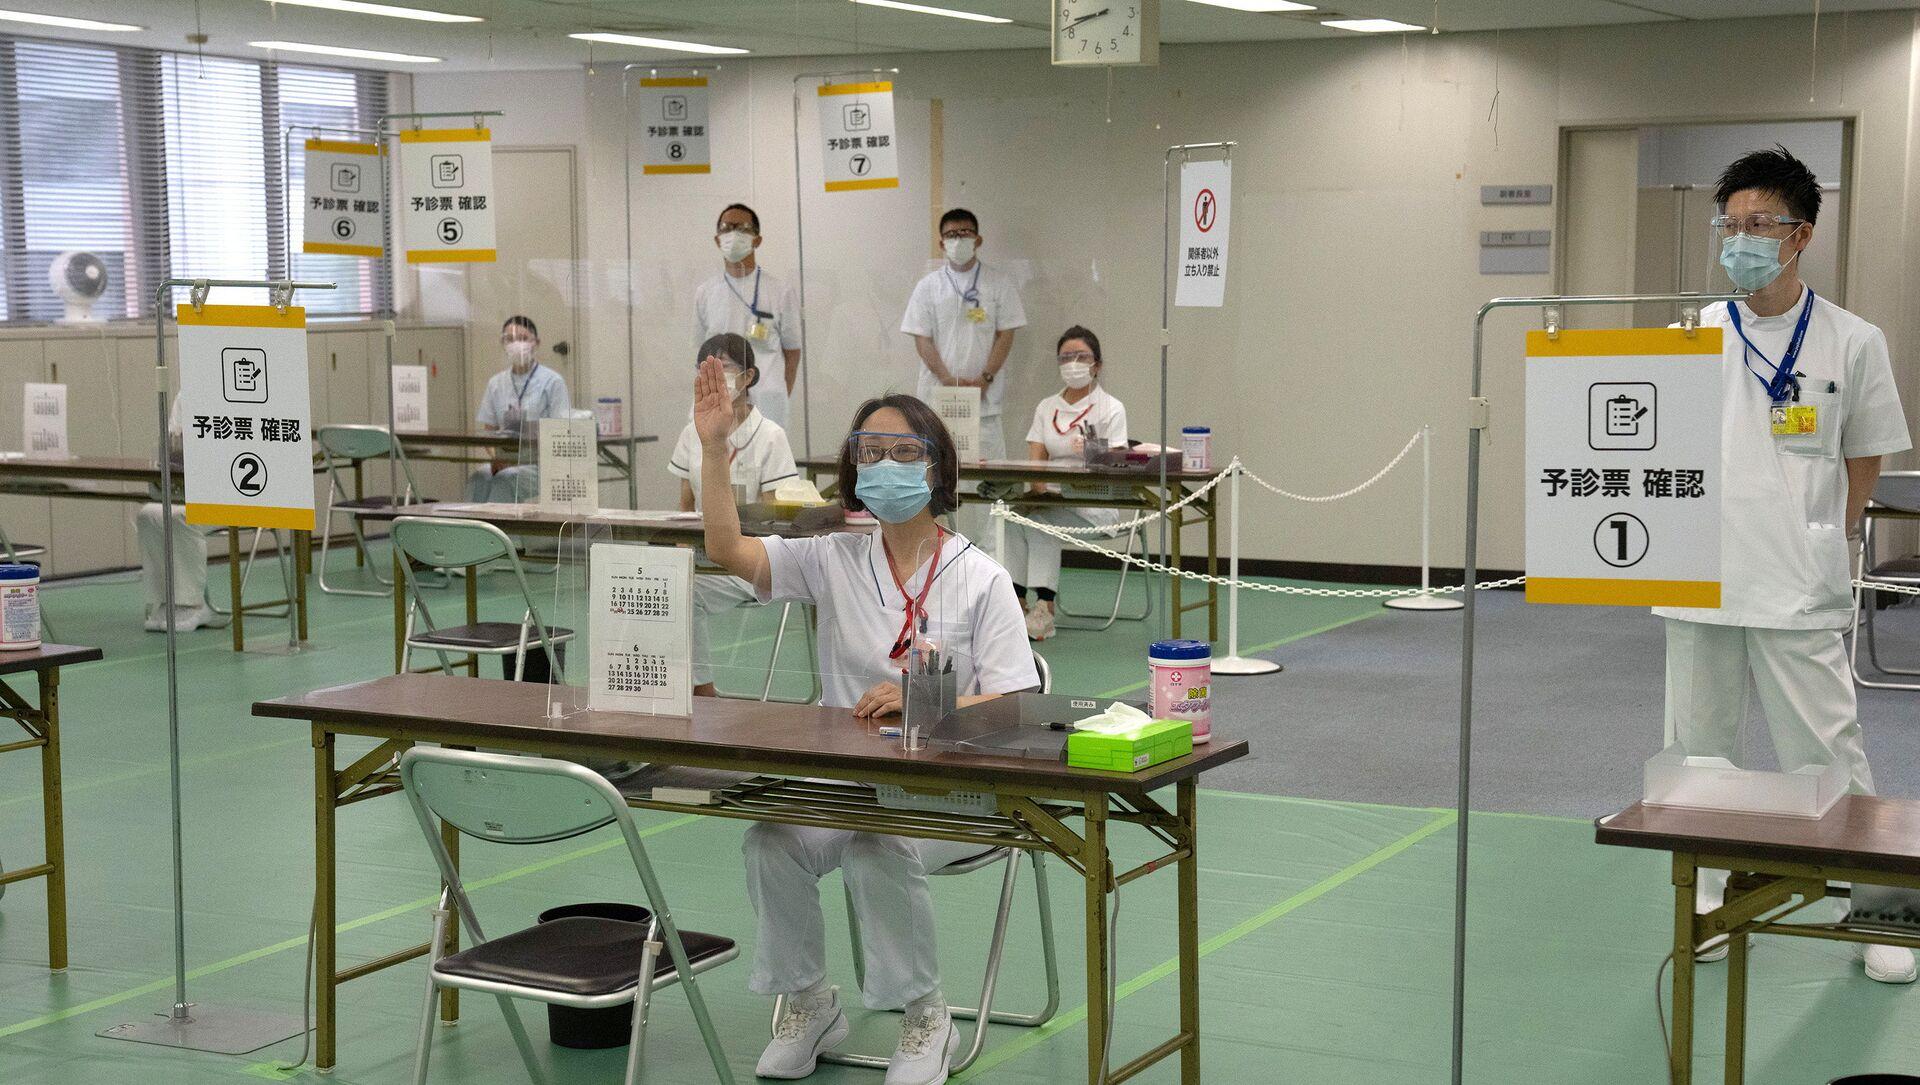 Trung tâm tiêm chủng ở Tokyo, Nhật Bản - Sputnik Việt Nam, 1920, 29.08.2021